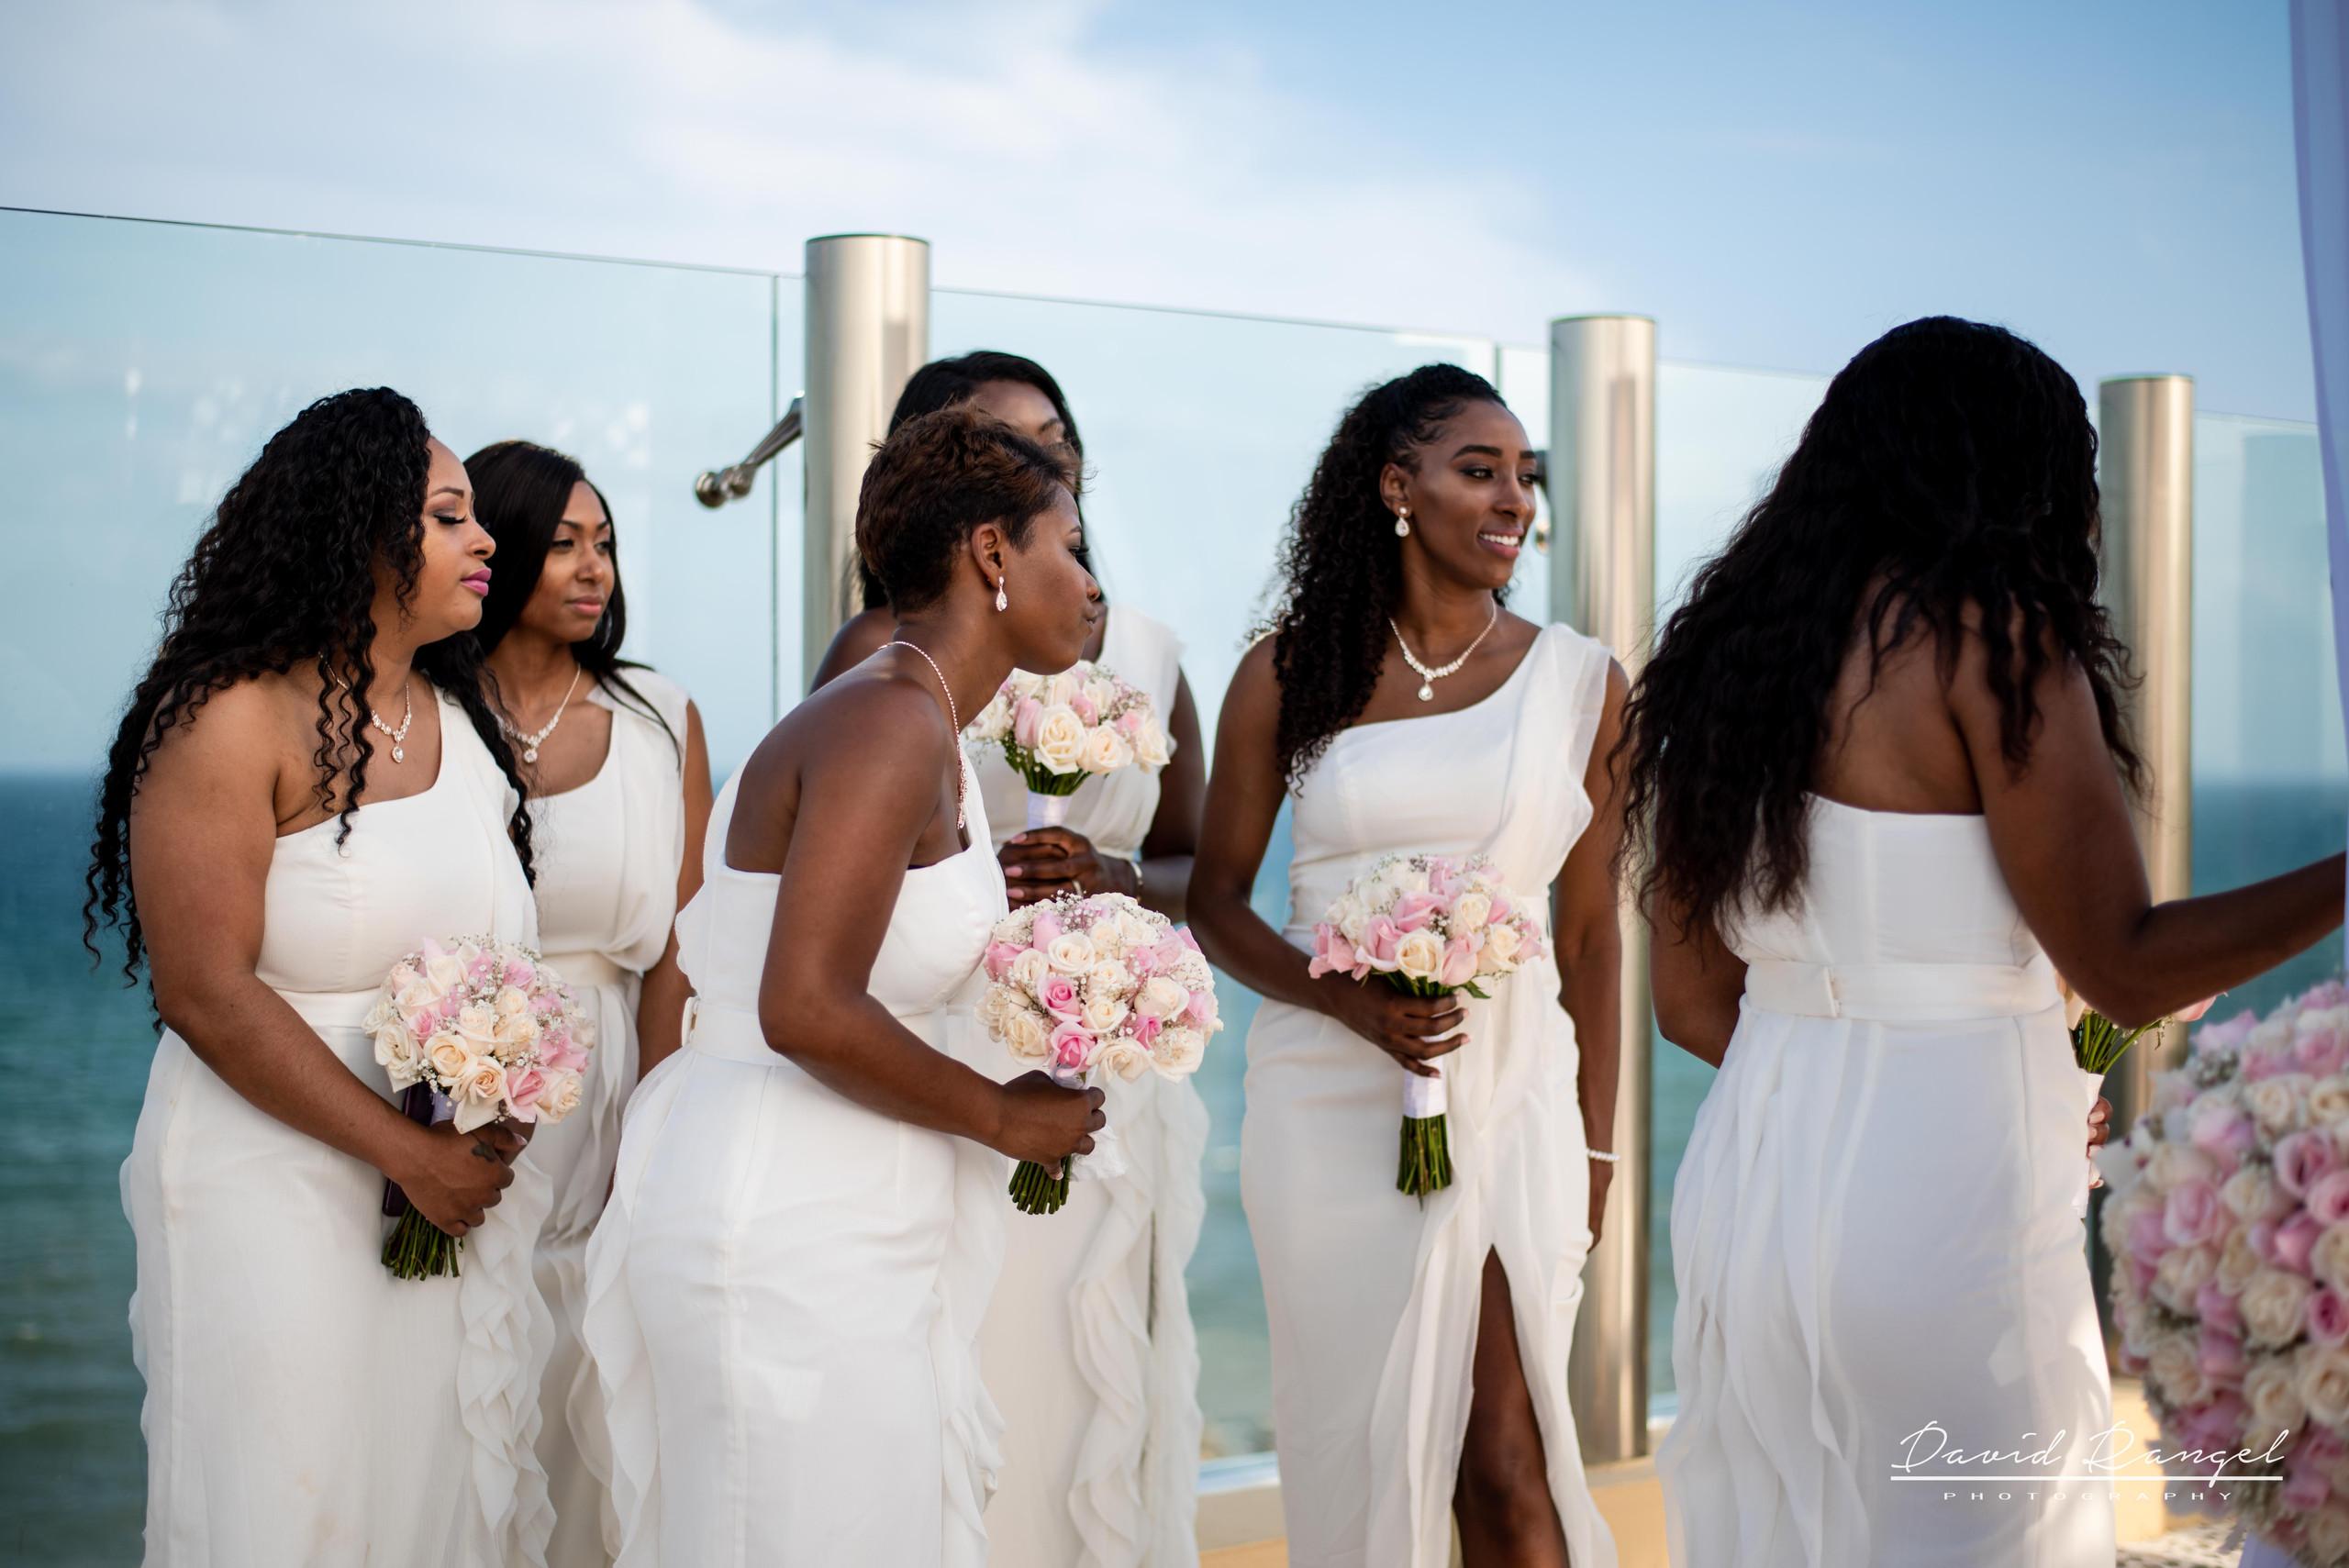 damas+de+honor+ramos+de+flores+bridesmaids